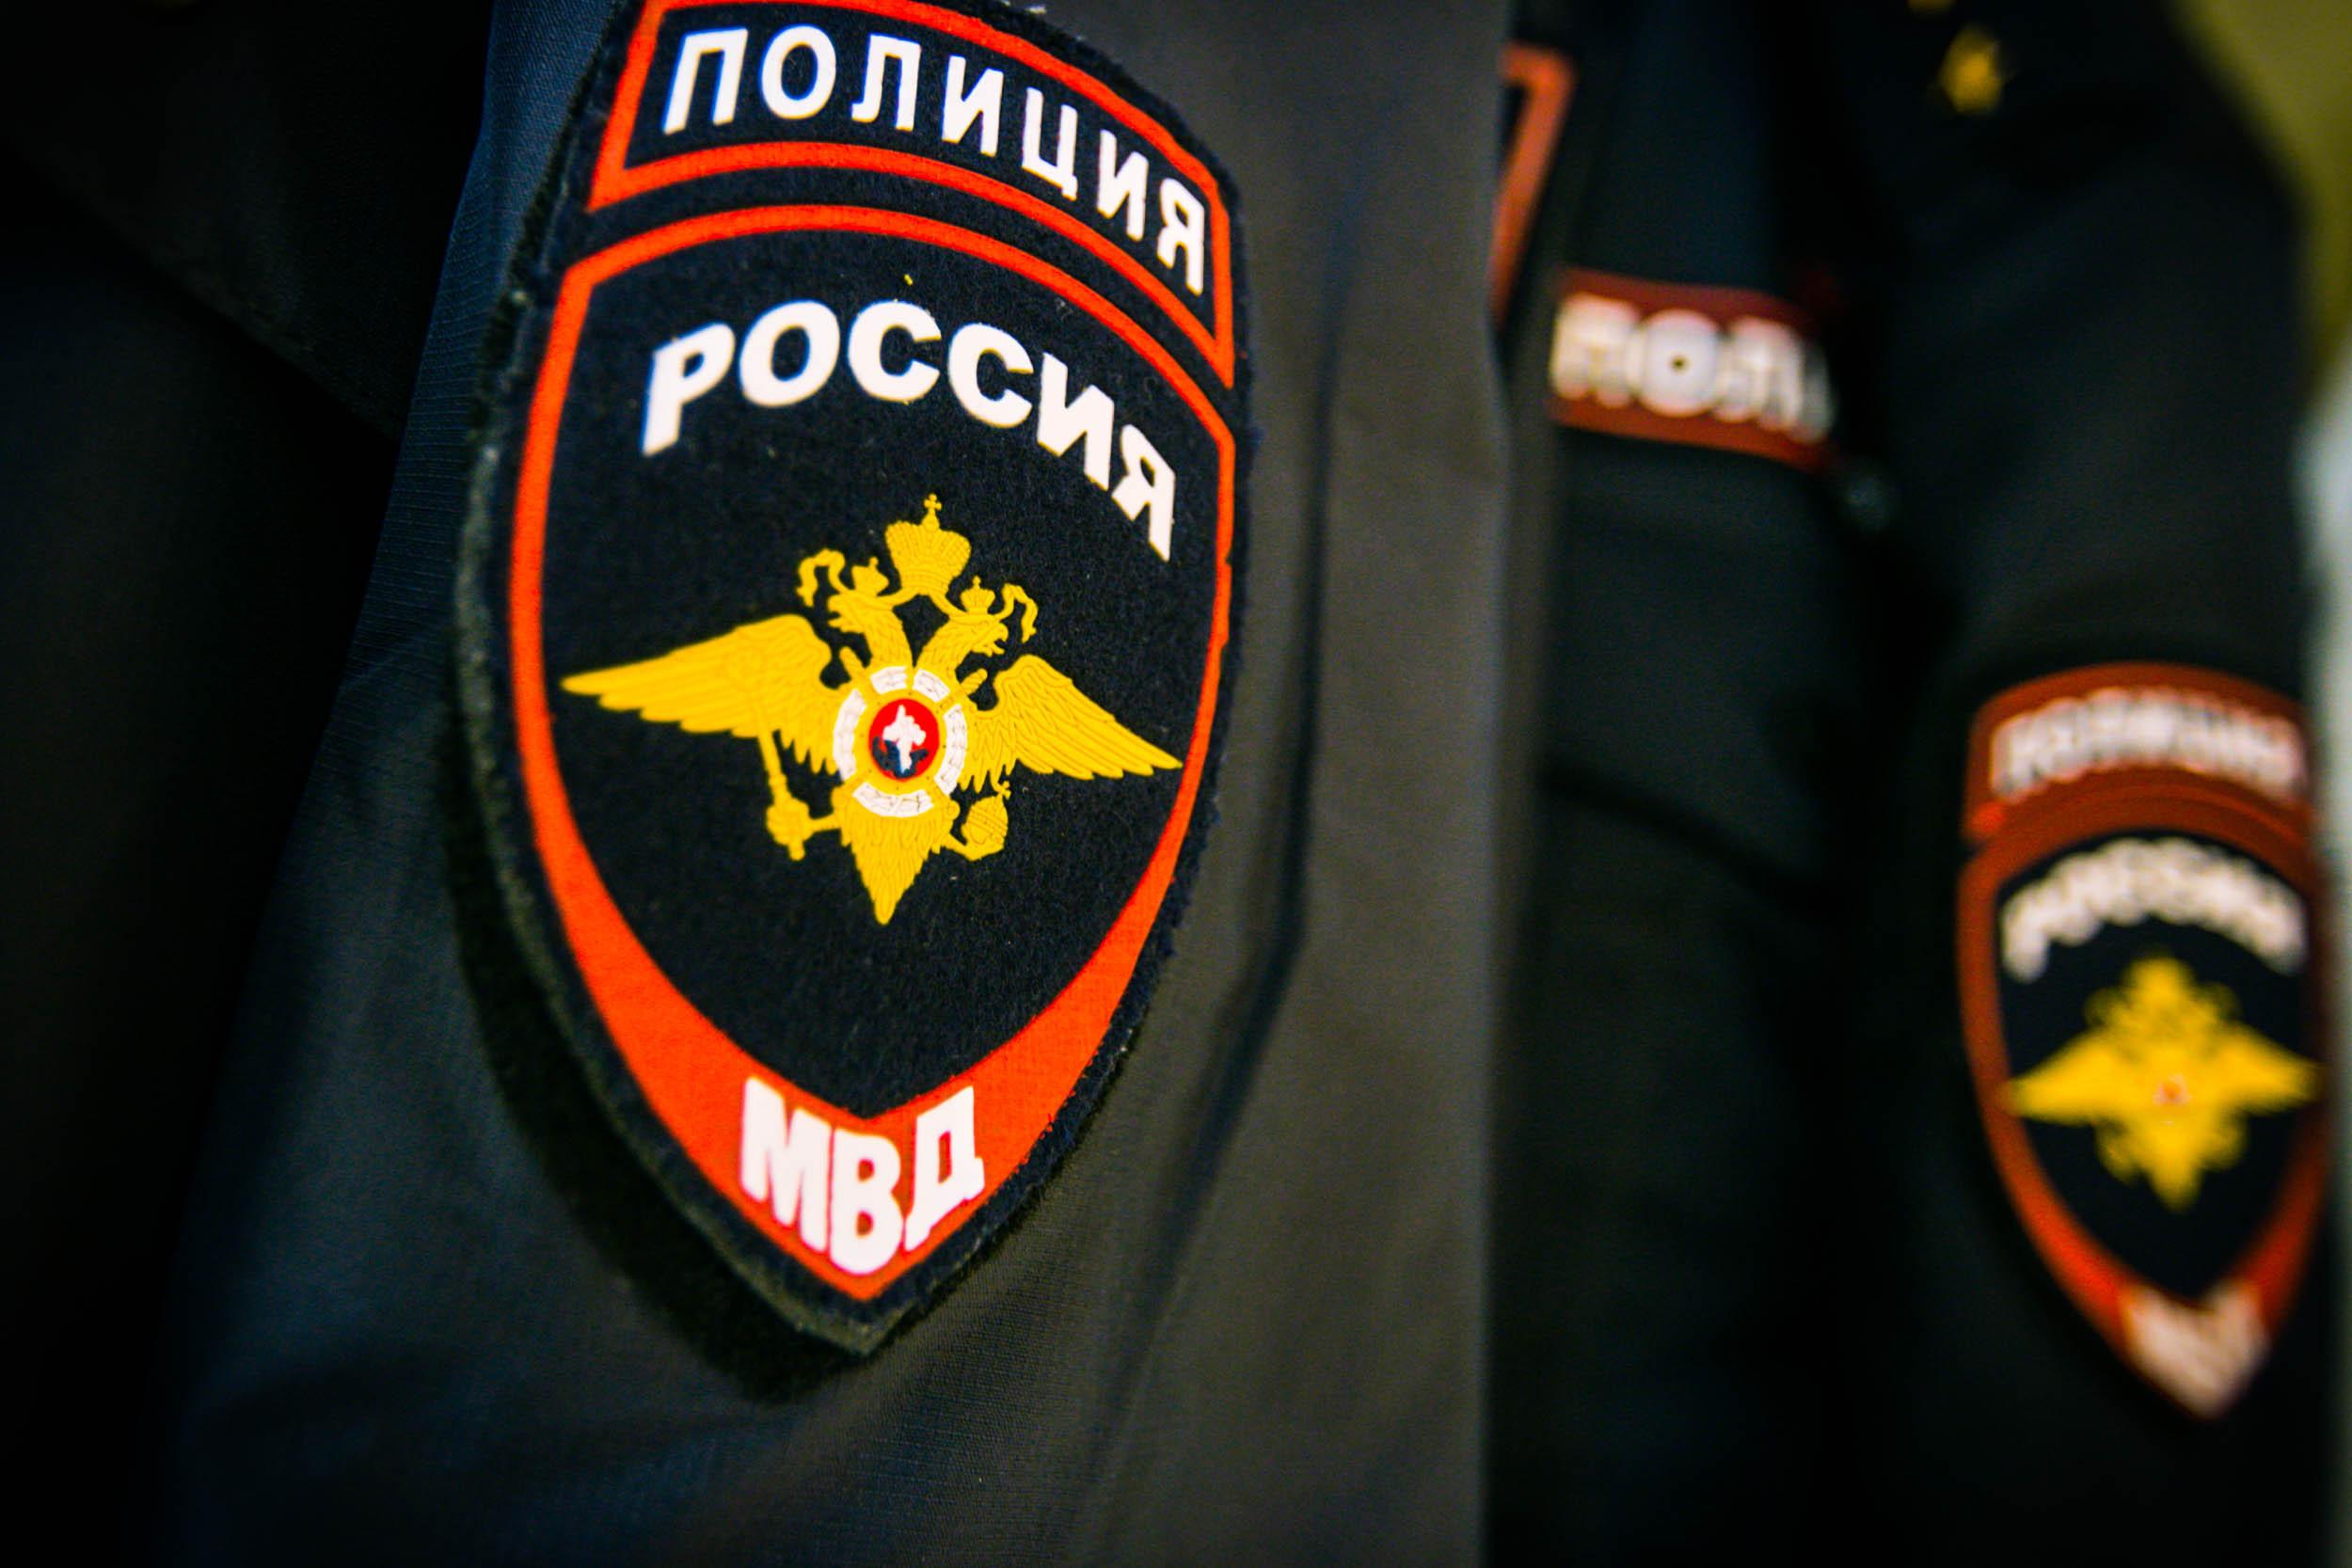 Футболисты «Локомотива» помогли раненным вДТП под Тулой